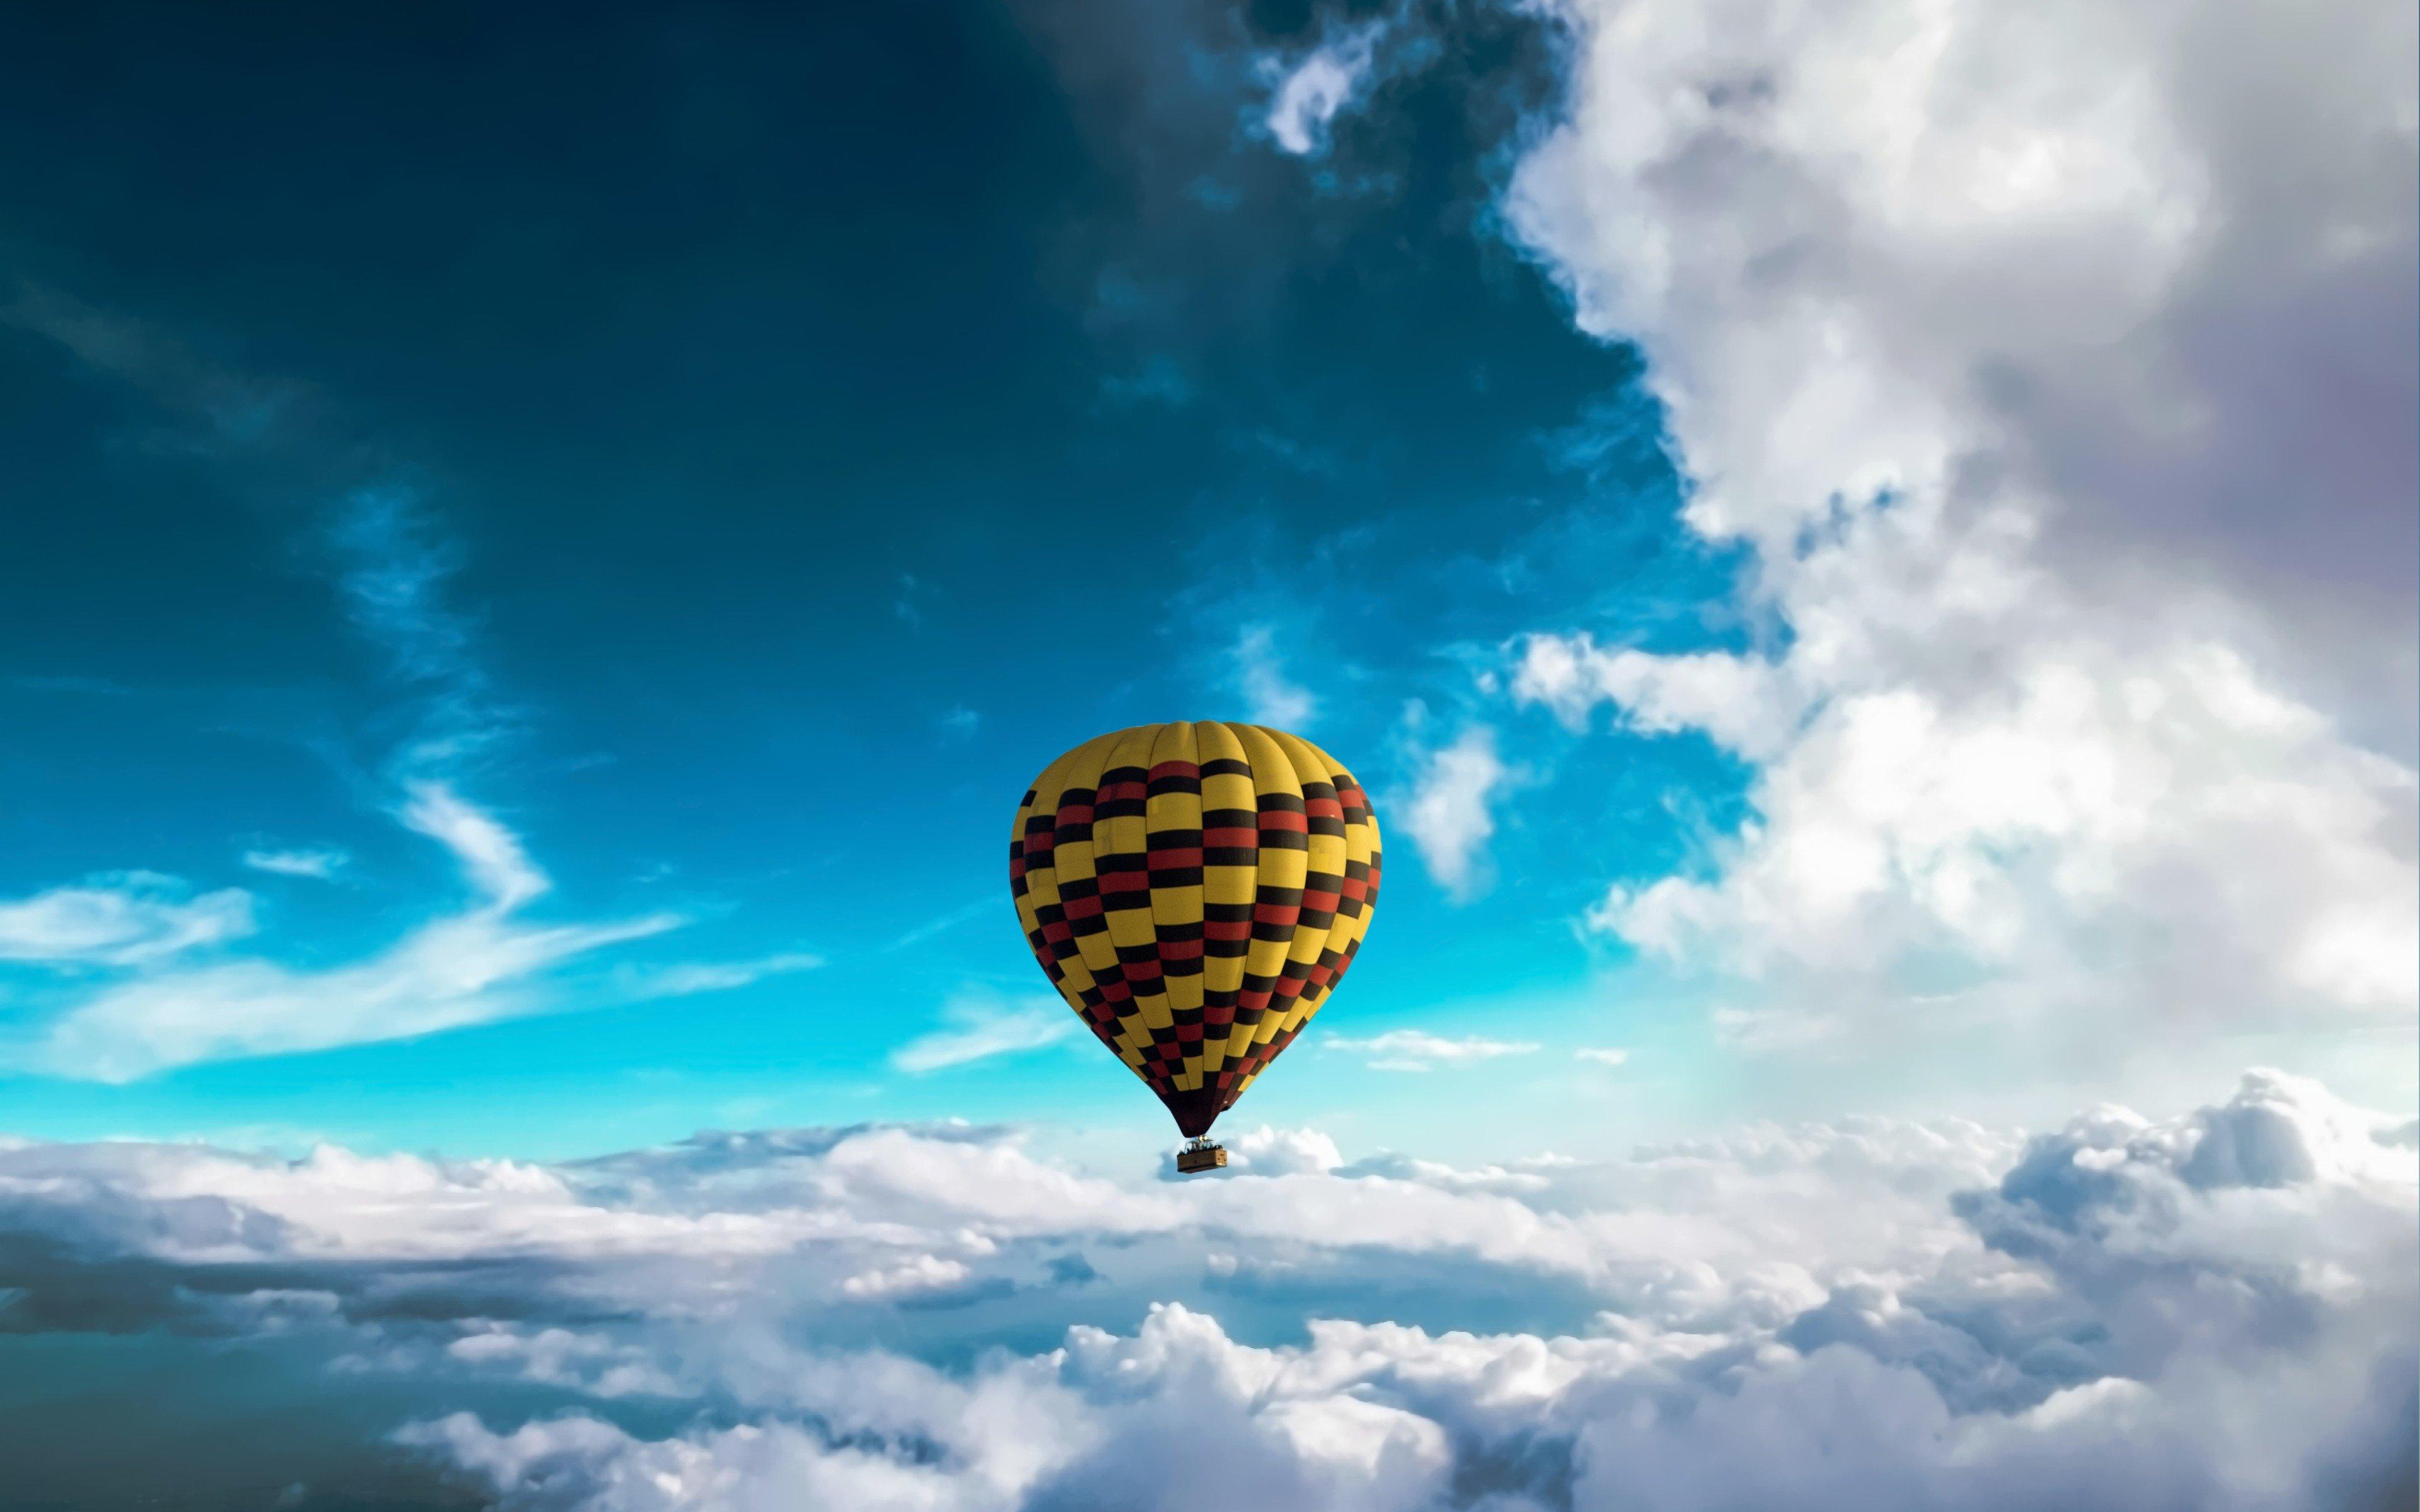 Fondos de pantalla Globo aerostático sobre las nubes